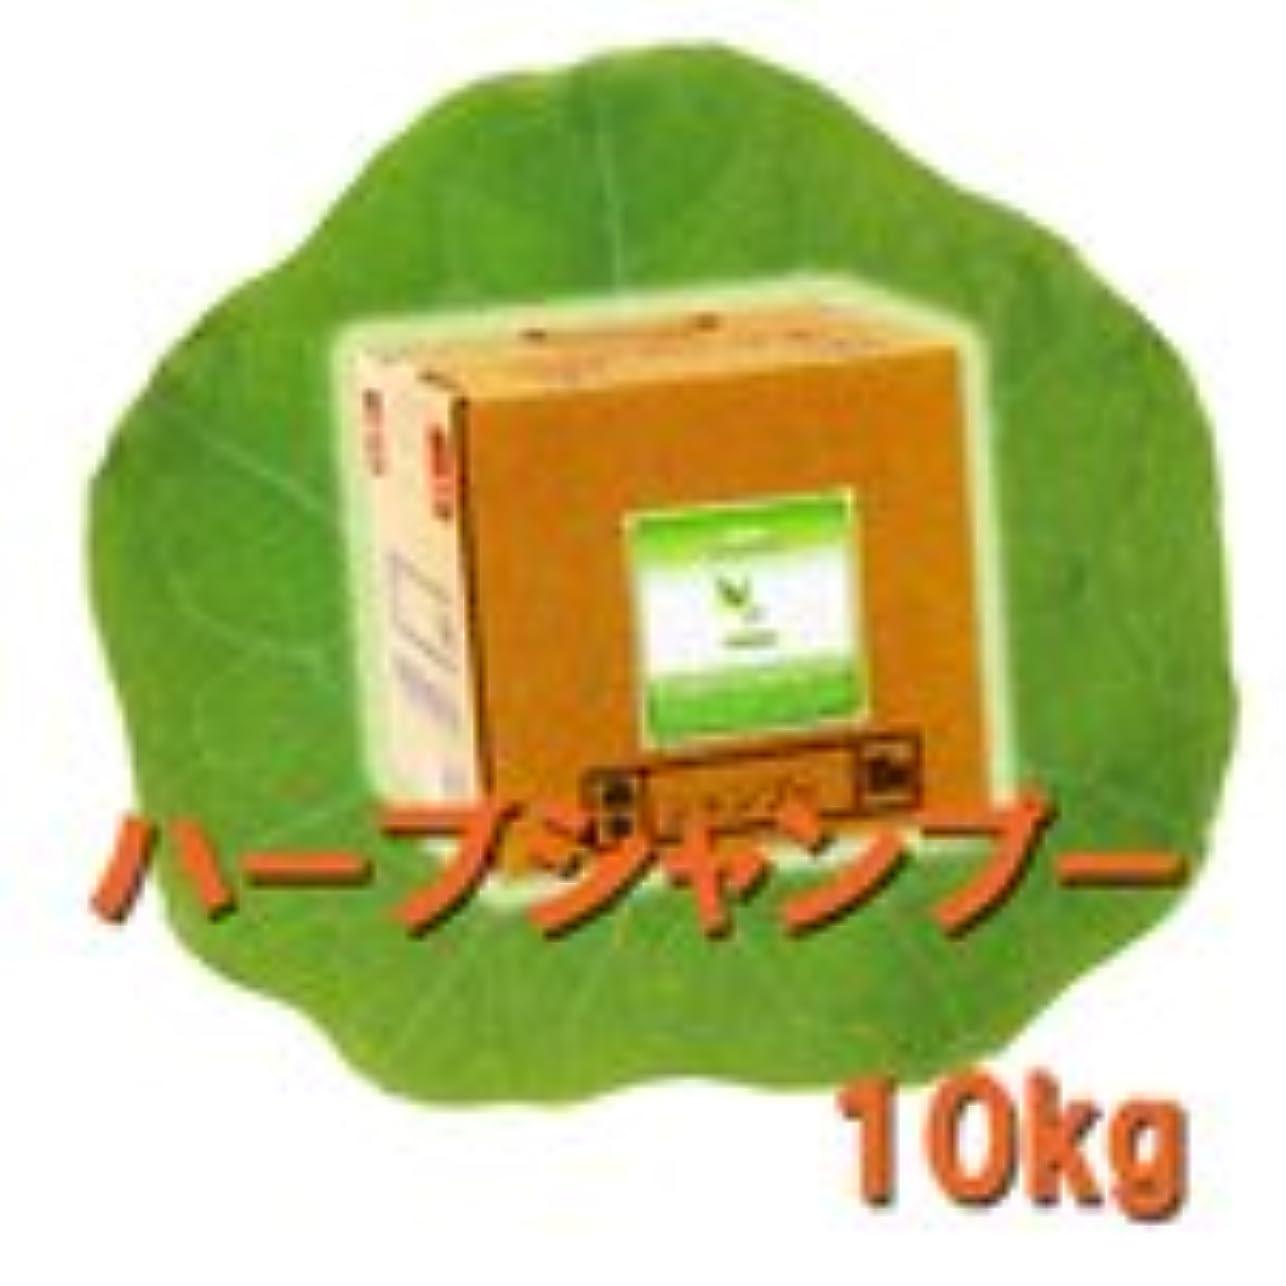 努力郵便番号マイナー中央有機化学 ハーブシリーズ ハーブシャンプー 10kg